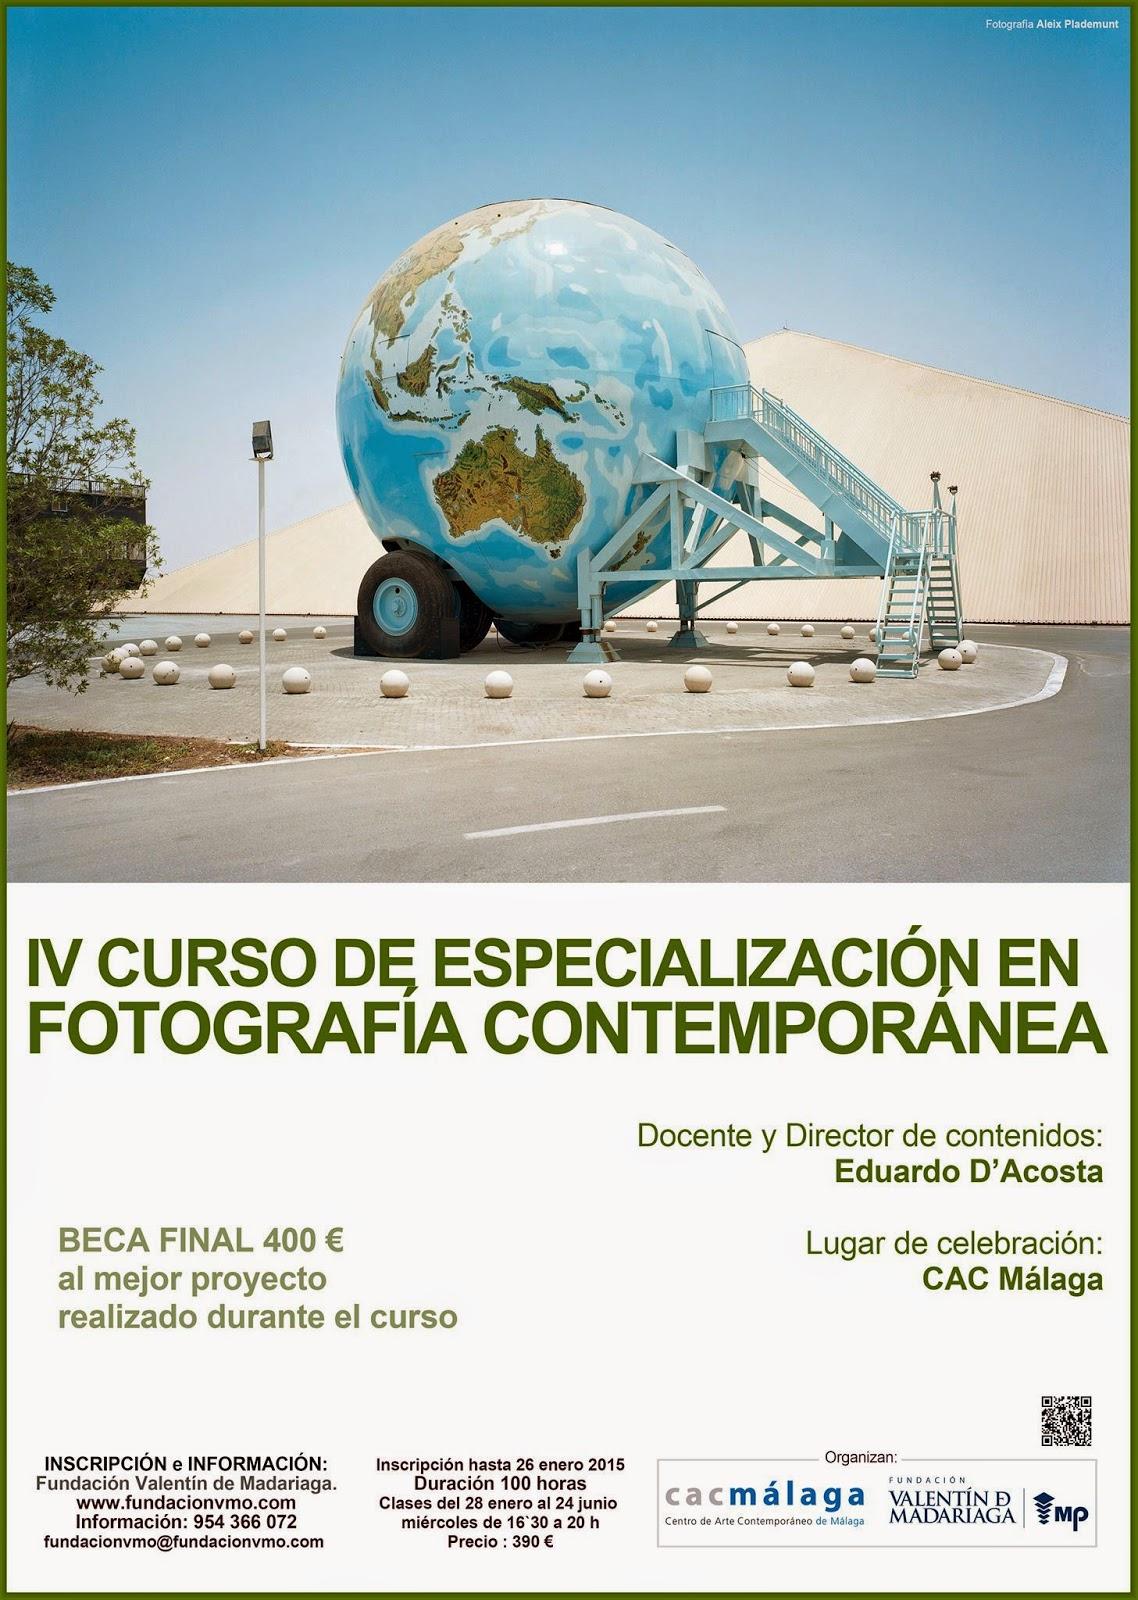 http://cacmalaga.eu/2014/12/15/curso-fotografia-4/